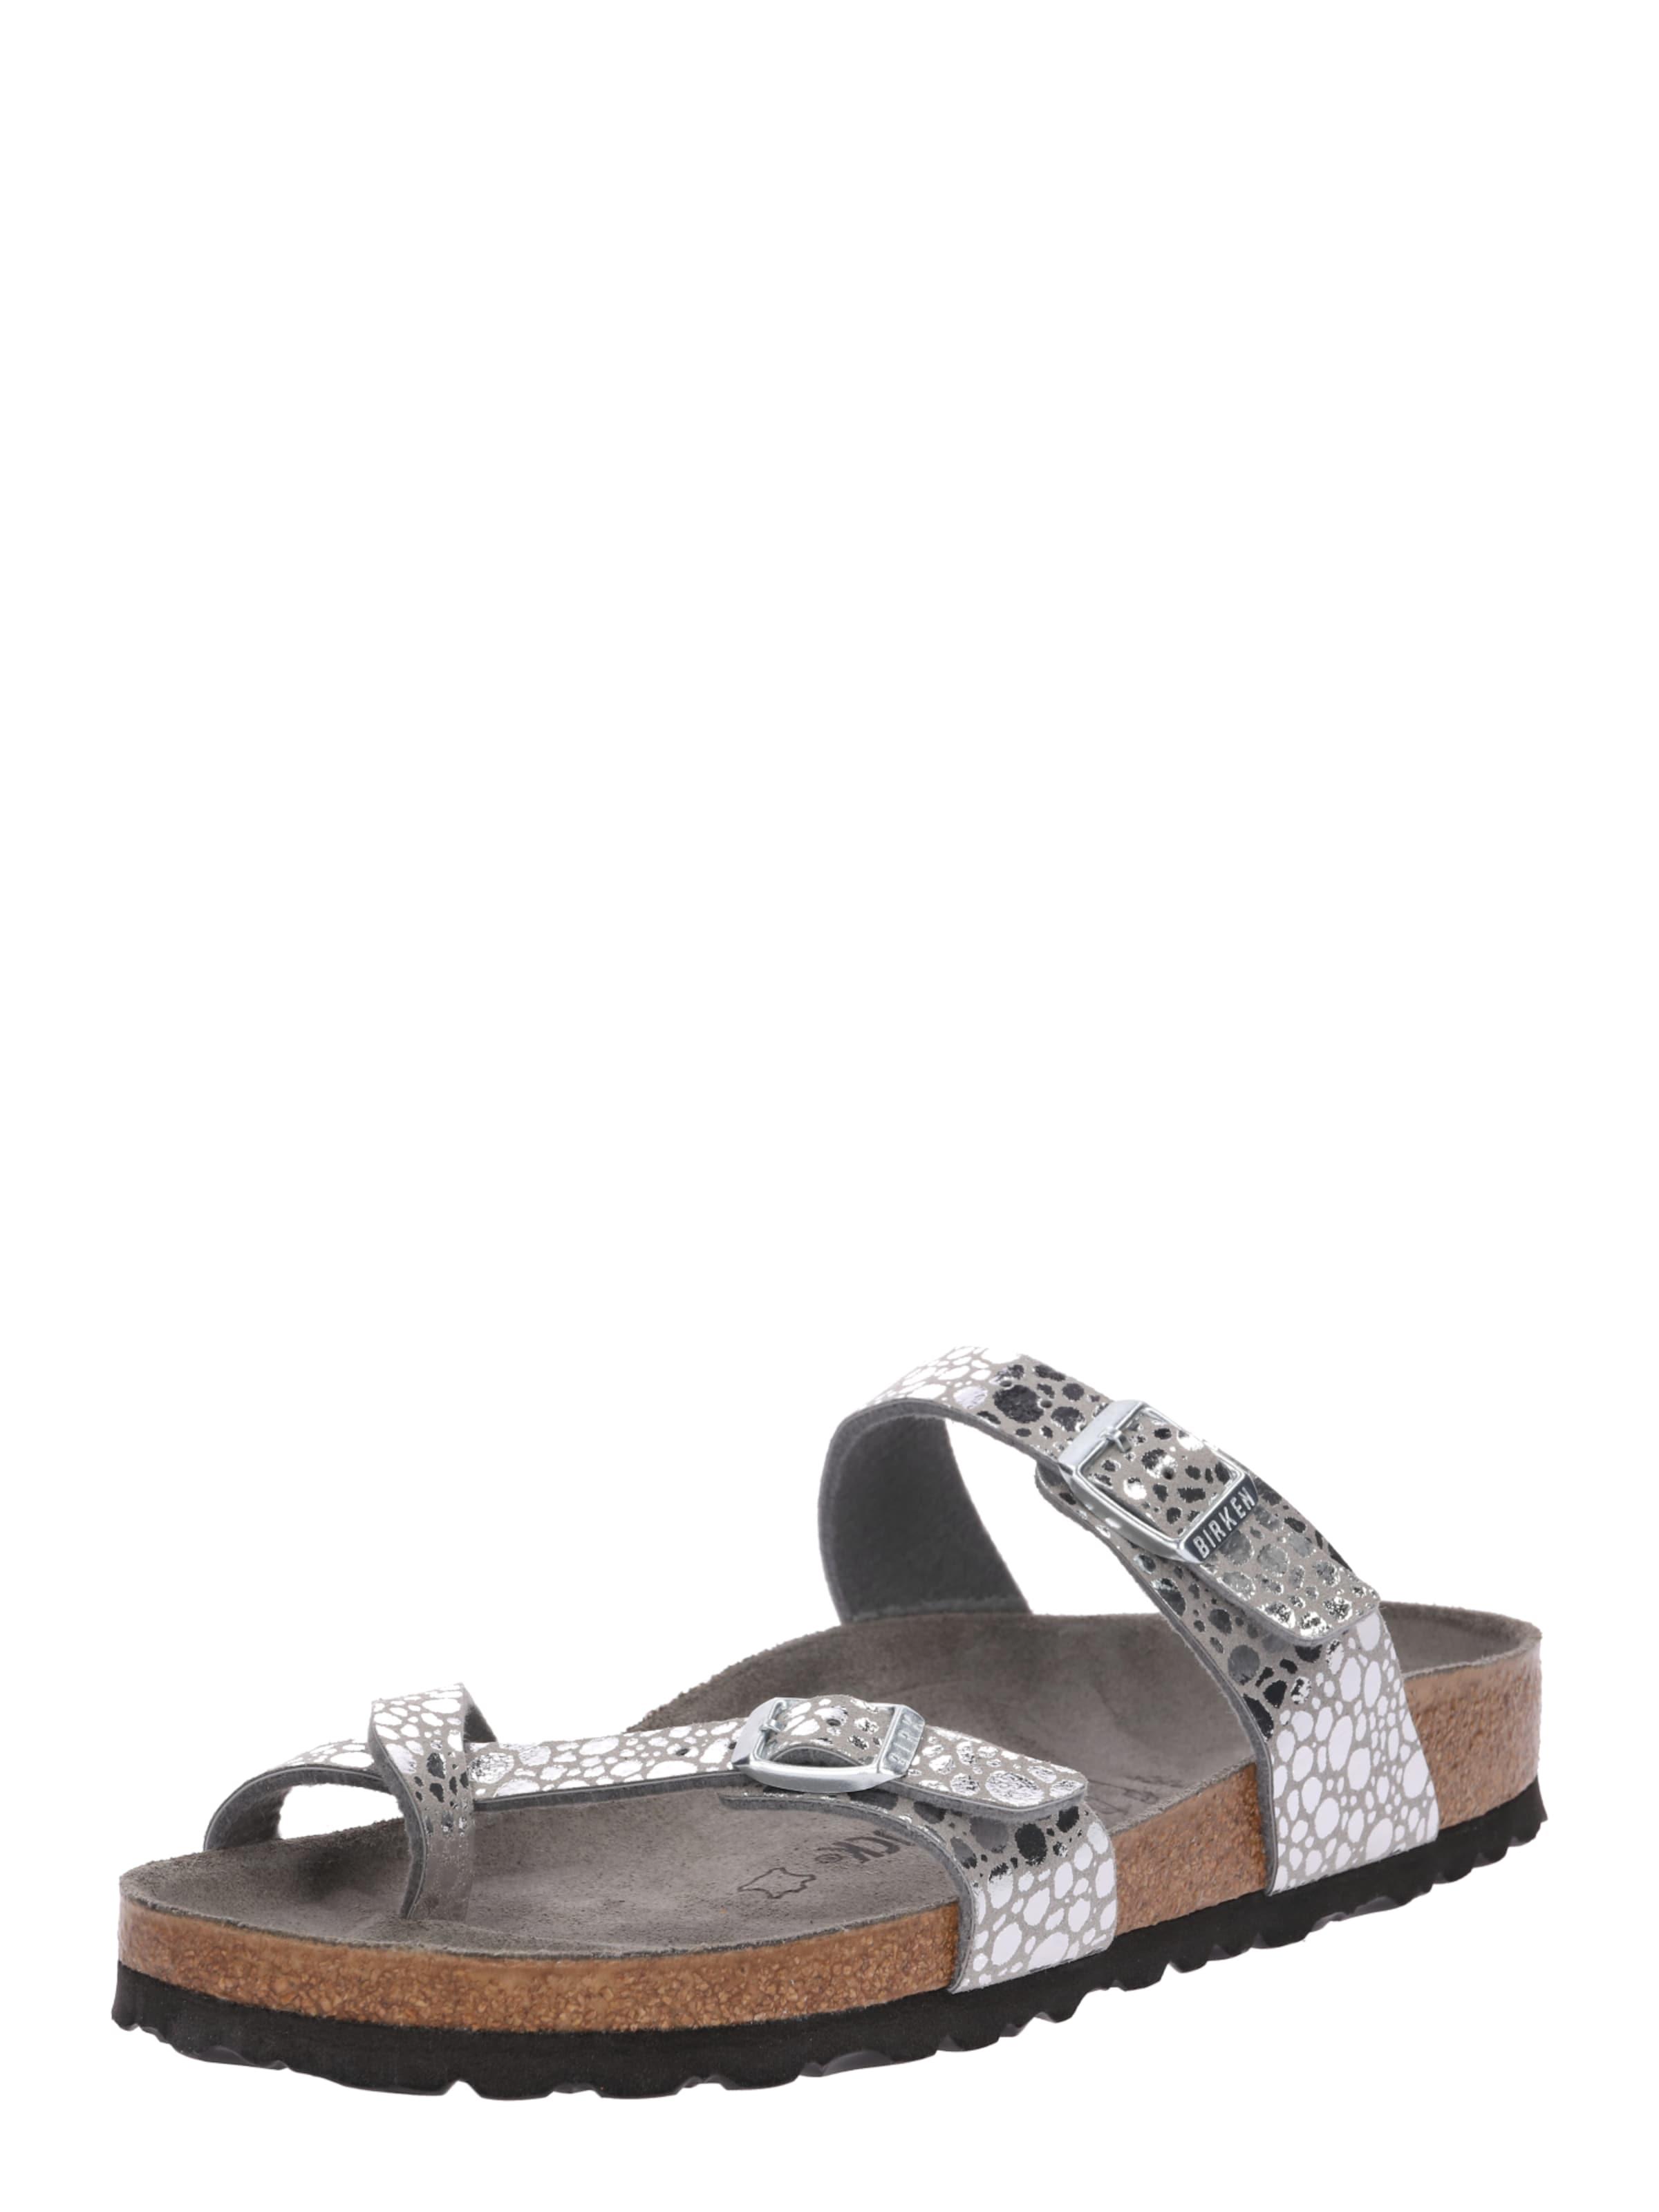 BIRKENSTOCK Lacksandale Mayari Verschleißfeste billige Schuhe